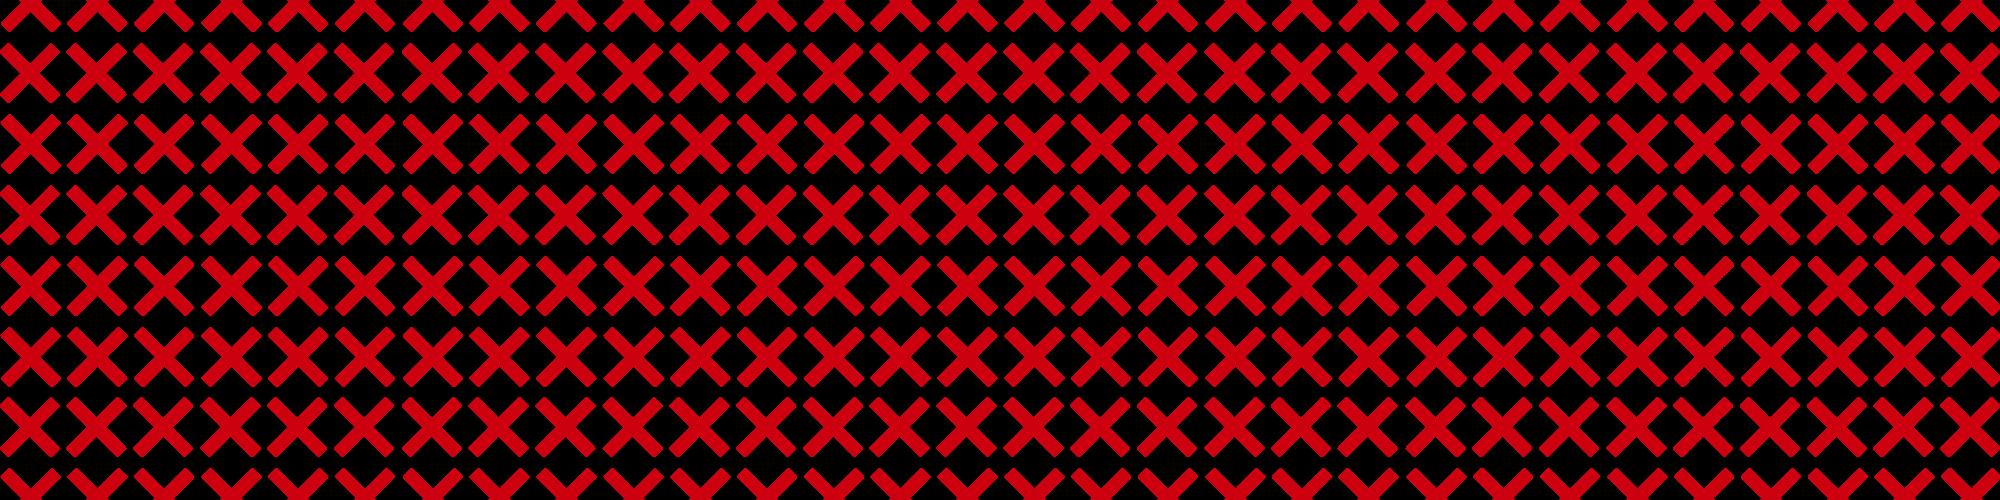 XXXX.png